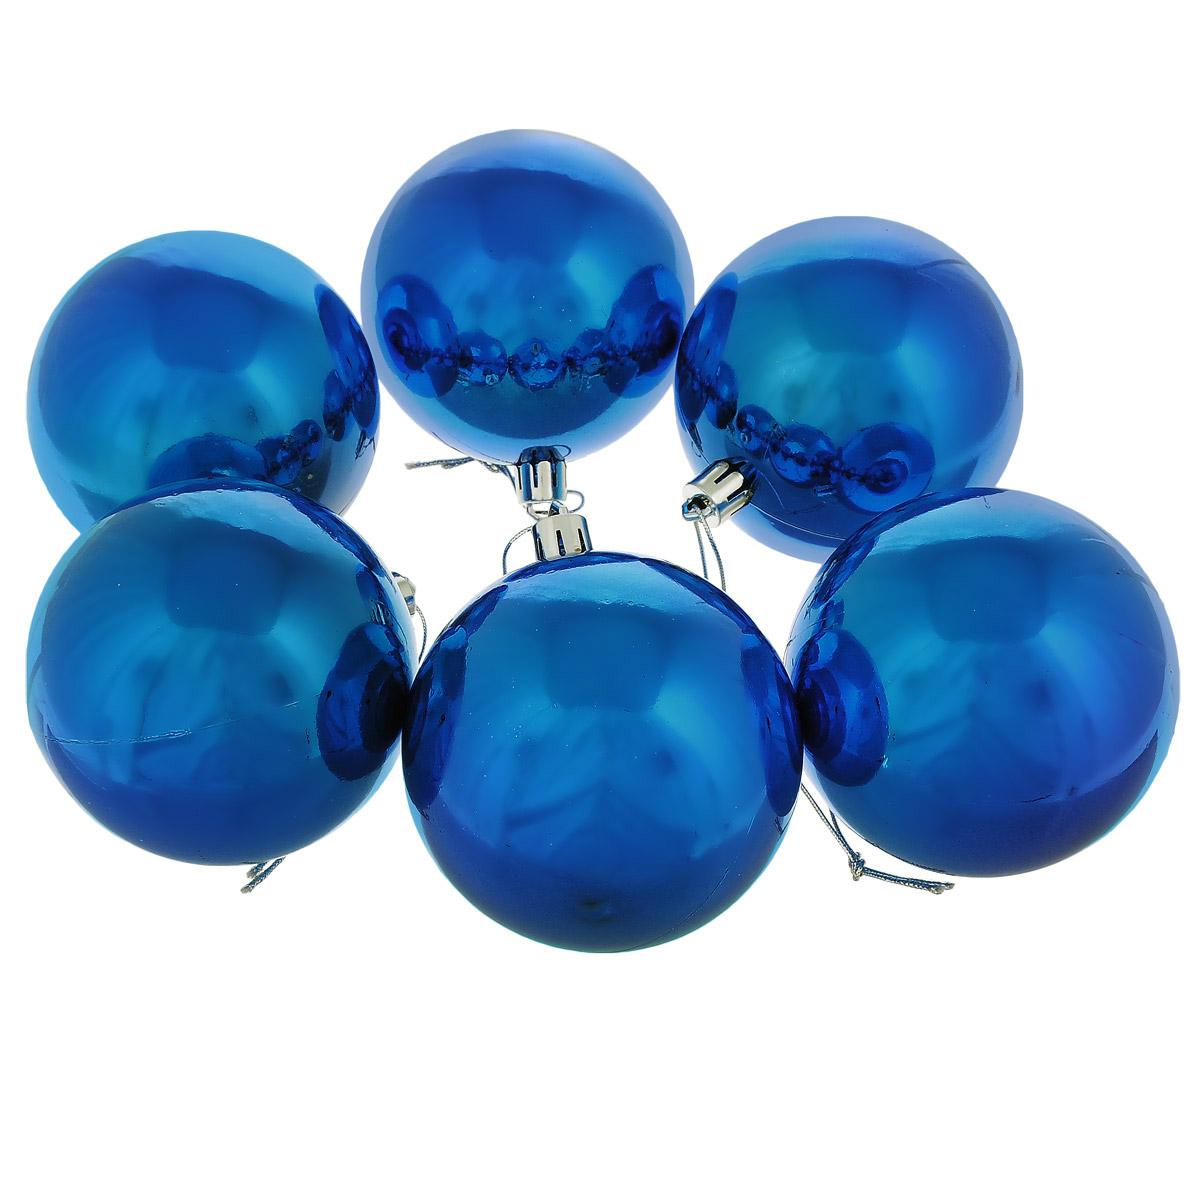 Набор новогодних подвесных украшений Sima-land Шар, цвет: синий, диаметр 8 см, 6 шт. 735668735668Набор новогодних подвесных украшений выполнен из высококачественного пластика в форме шаров. С помощью специальной петельки украшение можно повесить в любом понравившемся вам месте. Но, конечно, удачнее всего такой набор будет смотреться на праздничной елке. Елочная игрушка - символ Нового года. Она несет в себе волшебство и красоту праздника. Создайте в своем доме атмосферу веселья и радости, украшая новогоднюю елку нарядными игрушками, которые будут из года в год накапливать теплоту воспоминаний.